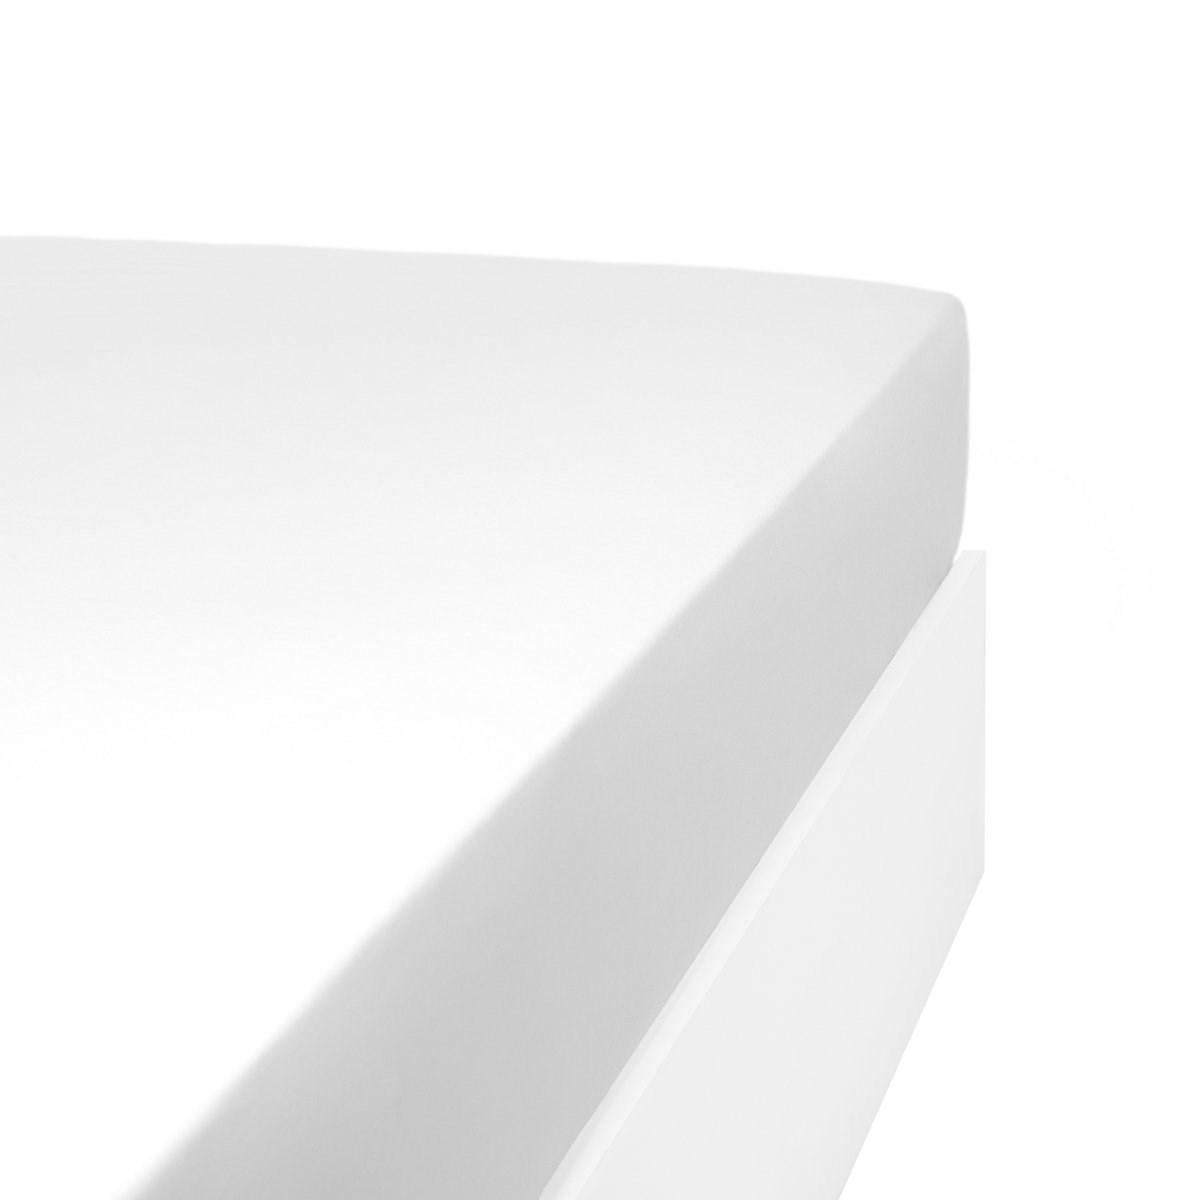 Drap housse jersey extensible lit double en coton blanc 80x200 cm